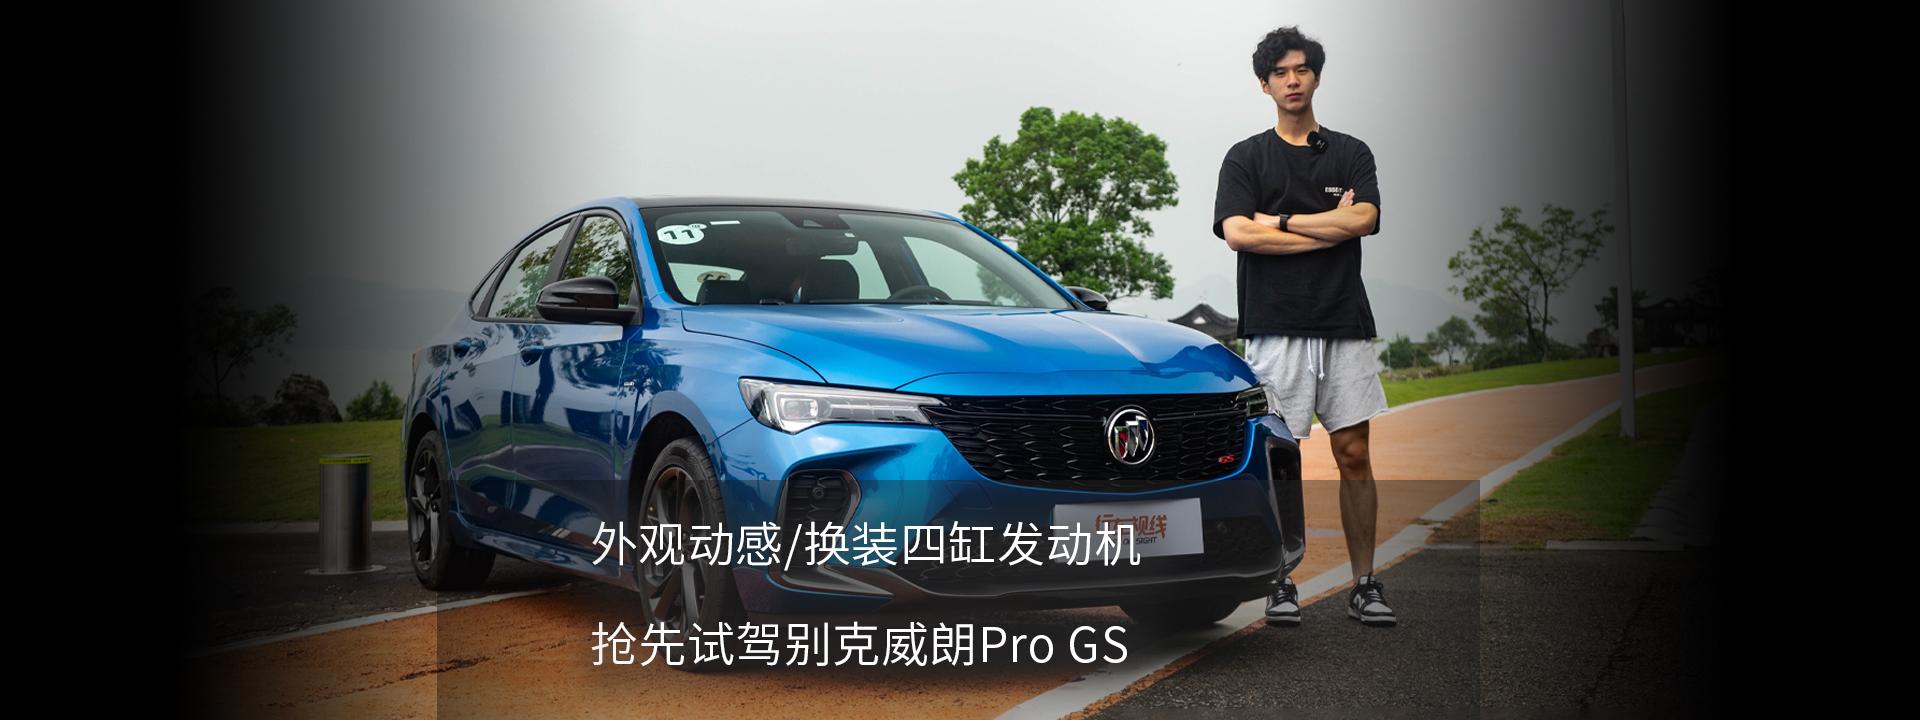 外观动感/换装四缸发动机 抢先试驾别克威朗Pro GS